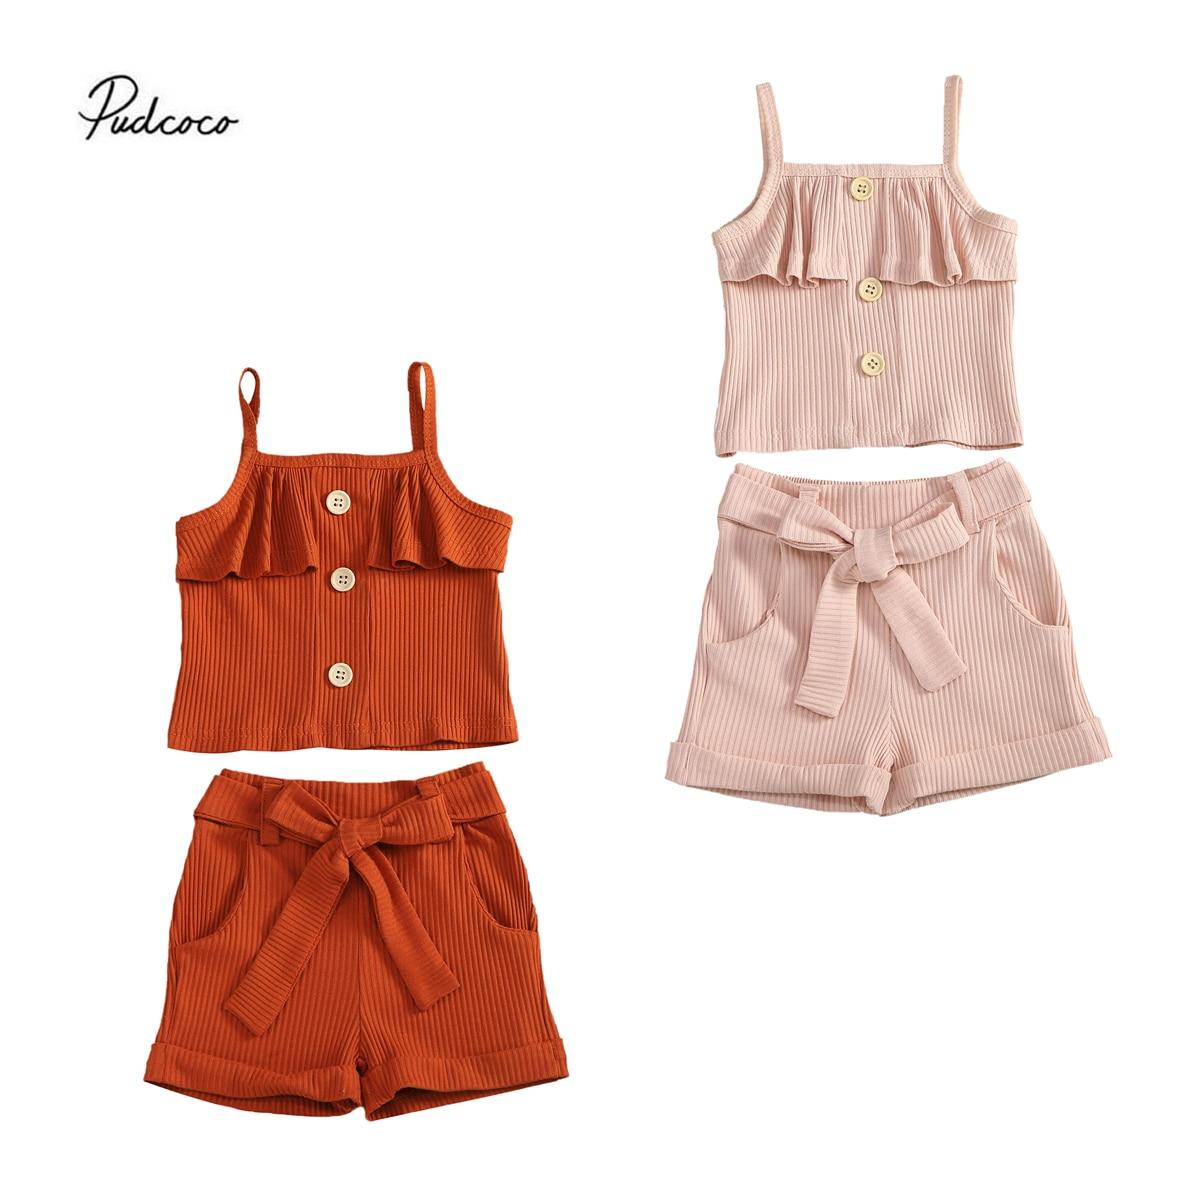 Летняя одежда для маленьких девочек Трикотажный жилет на пуговицах с оборками укороченные топы, шорты с бантиком, штаны хлопковая одежда дл...